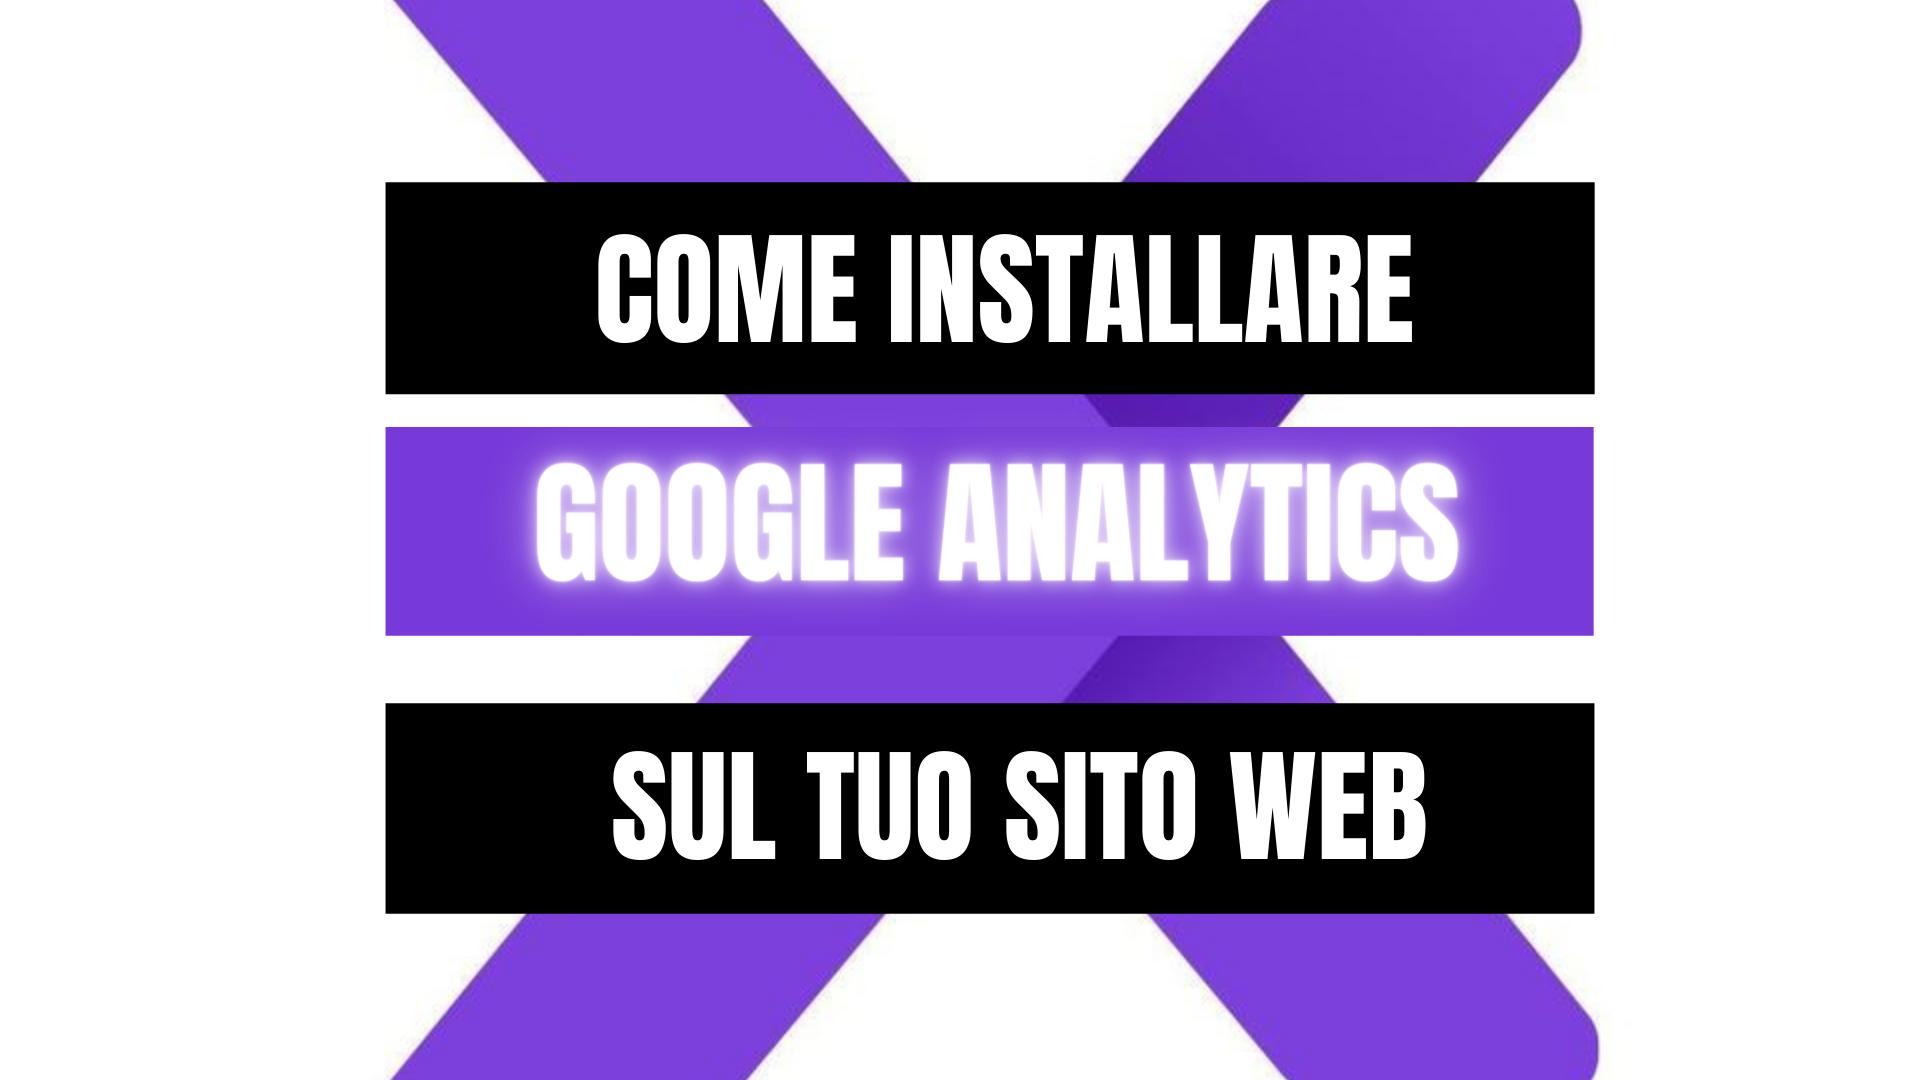 Peekaboox - Come installare Google Analytics sul tuo sito